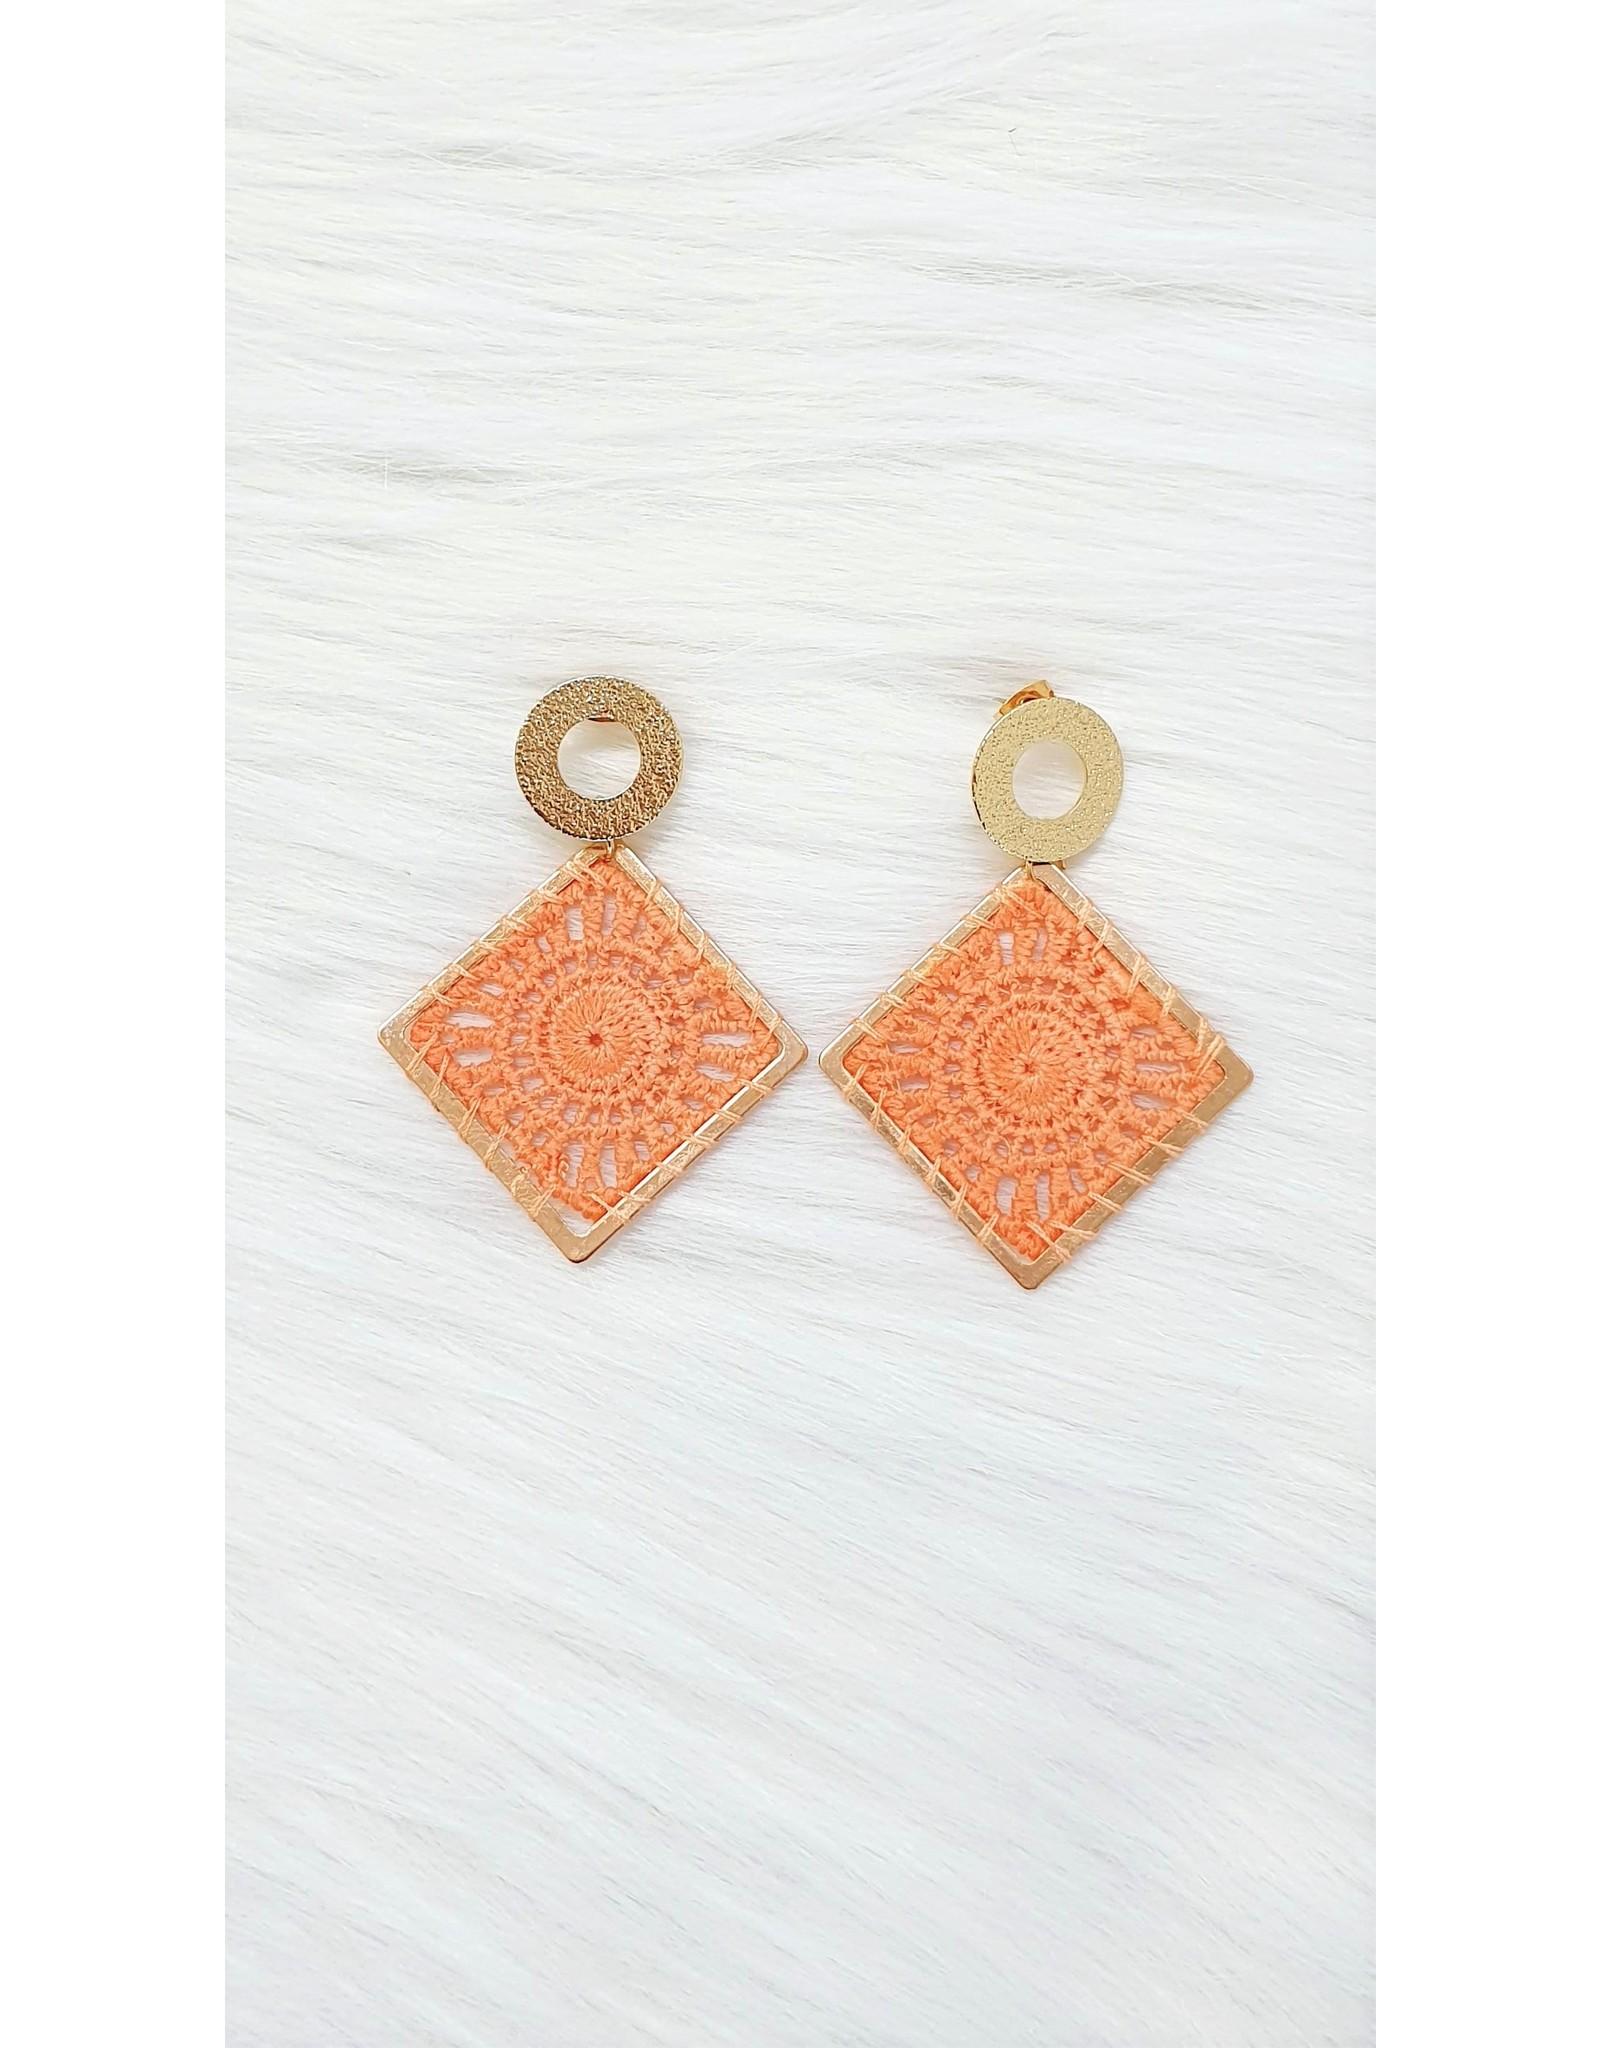 Gold peachy orange